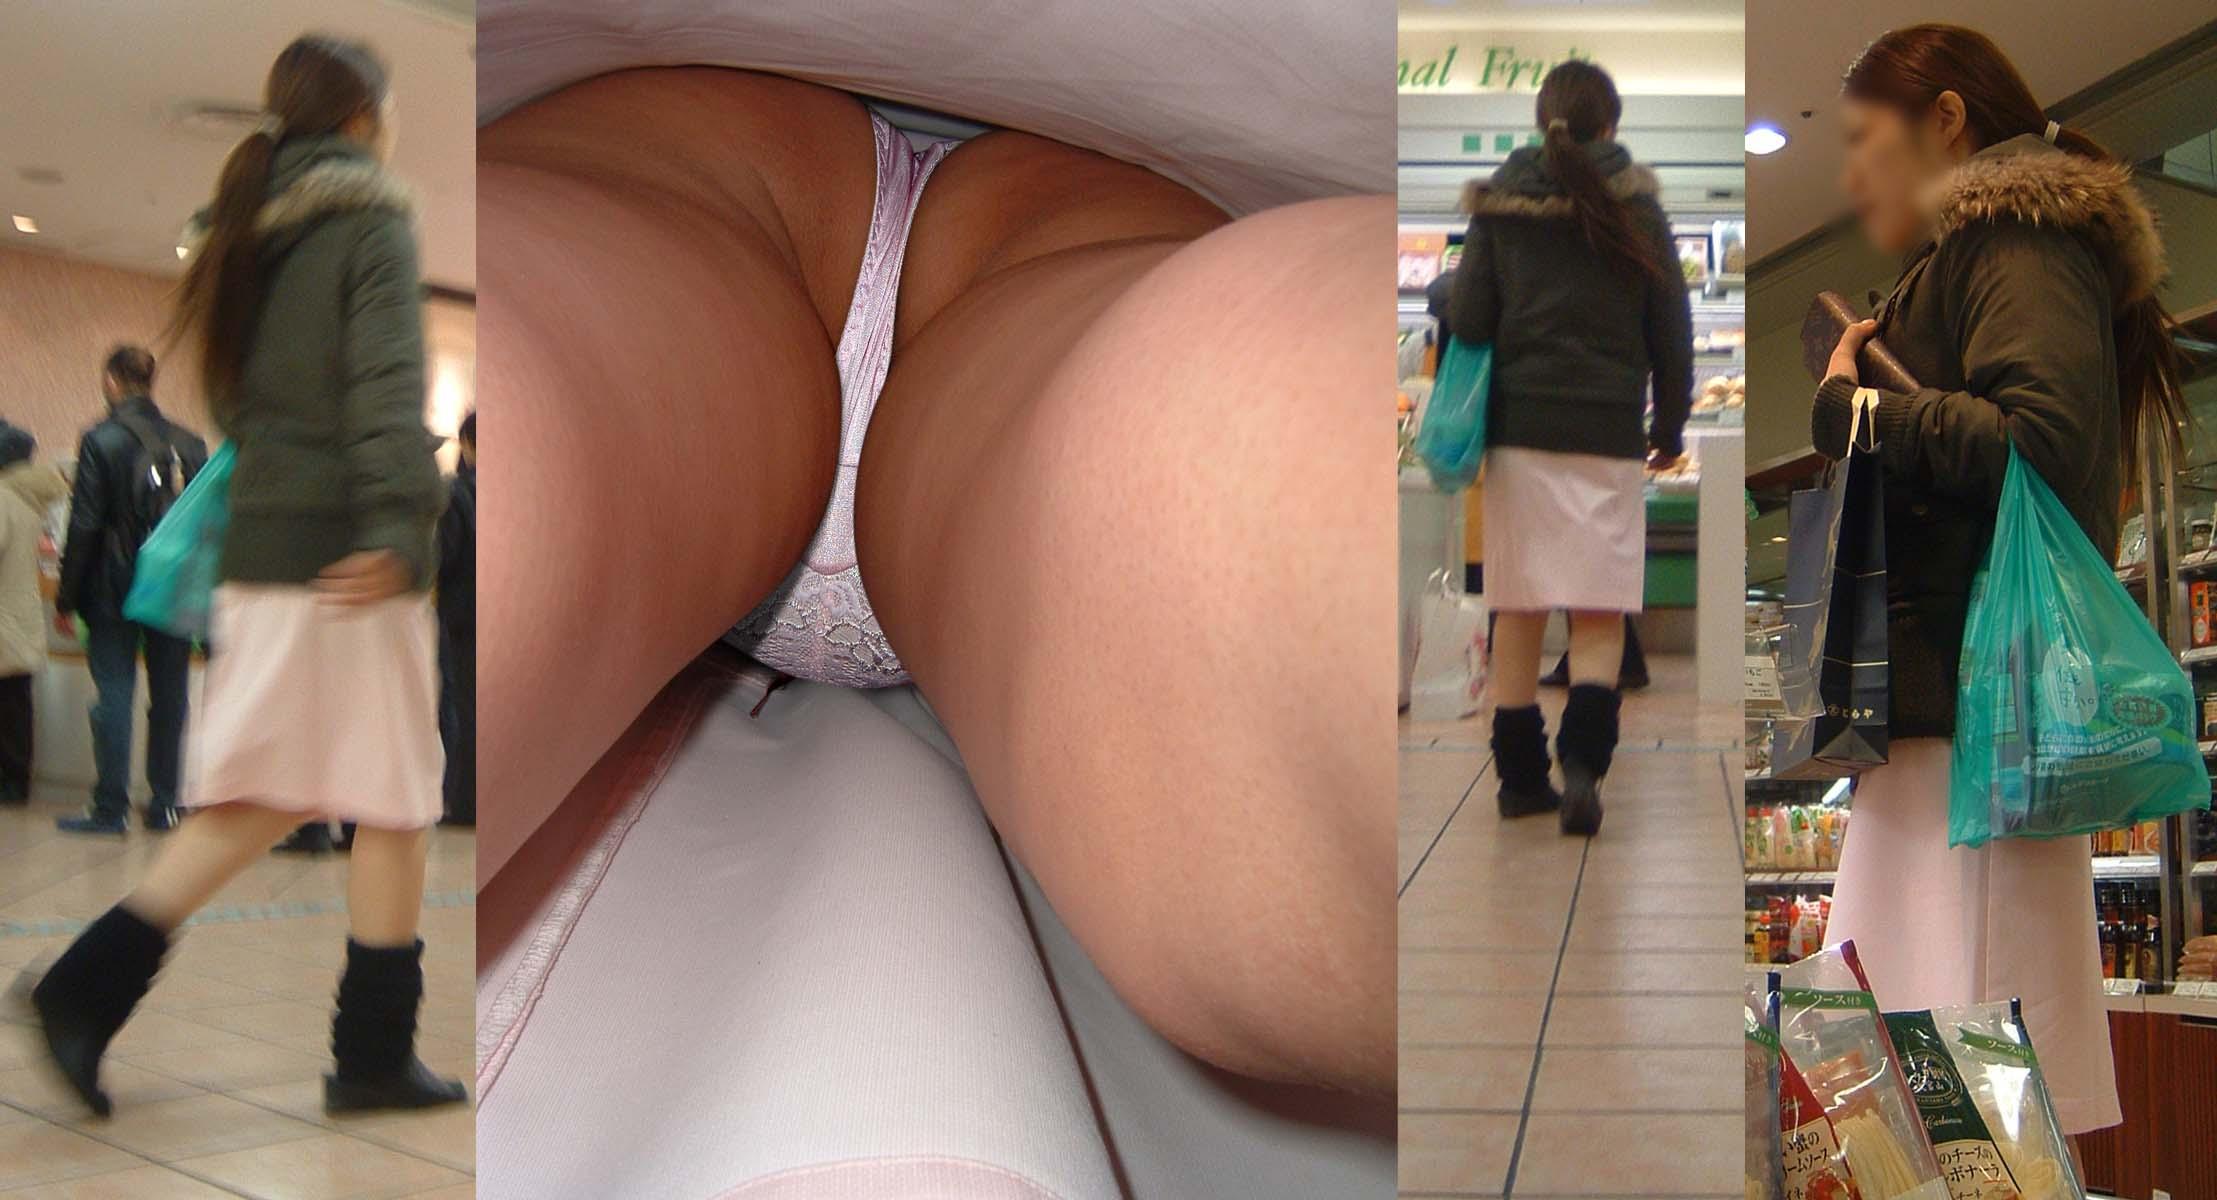 ナースのスカート逆さ撮りパンストパンティ画像6枚目